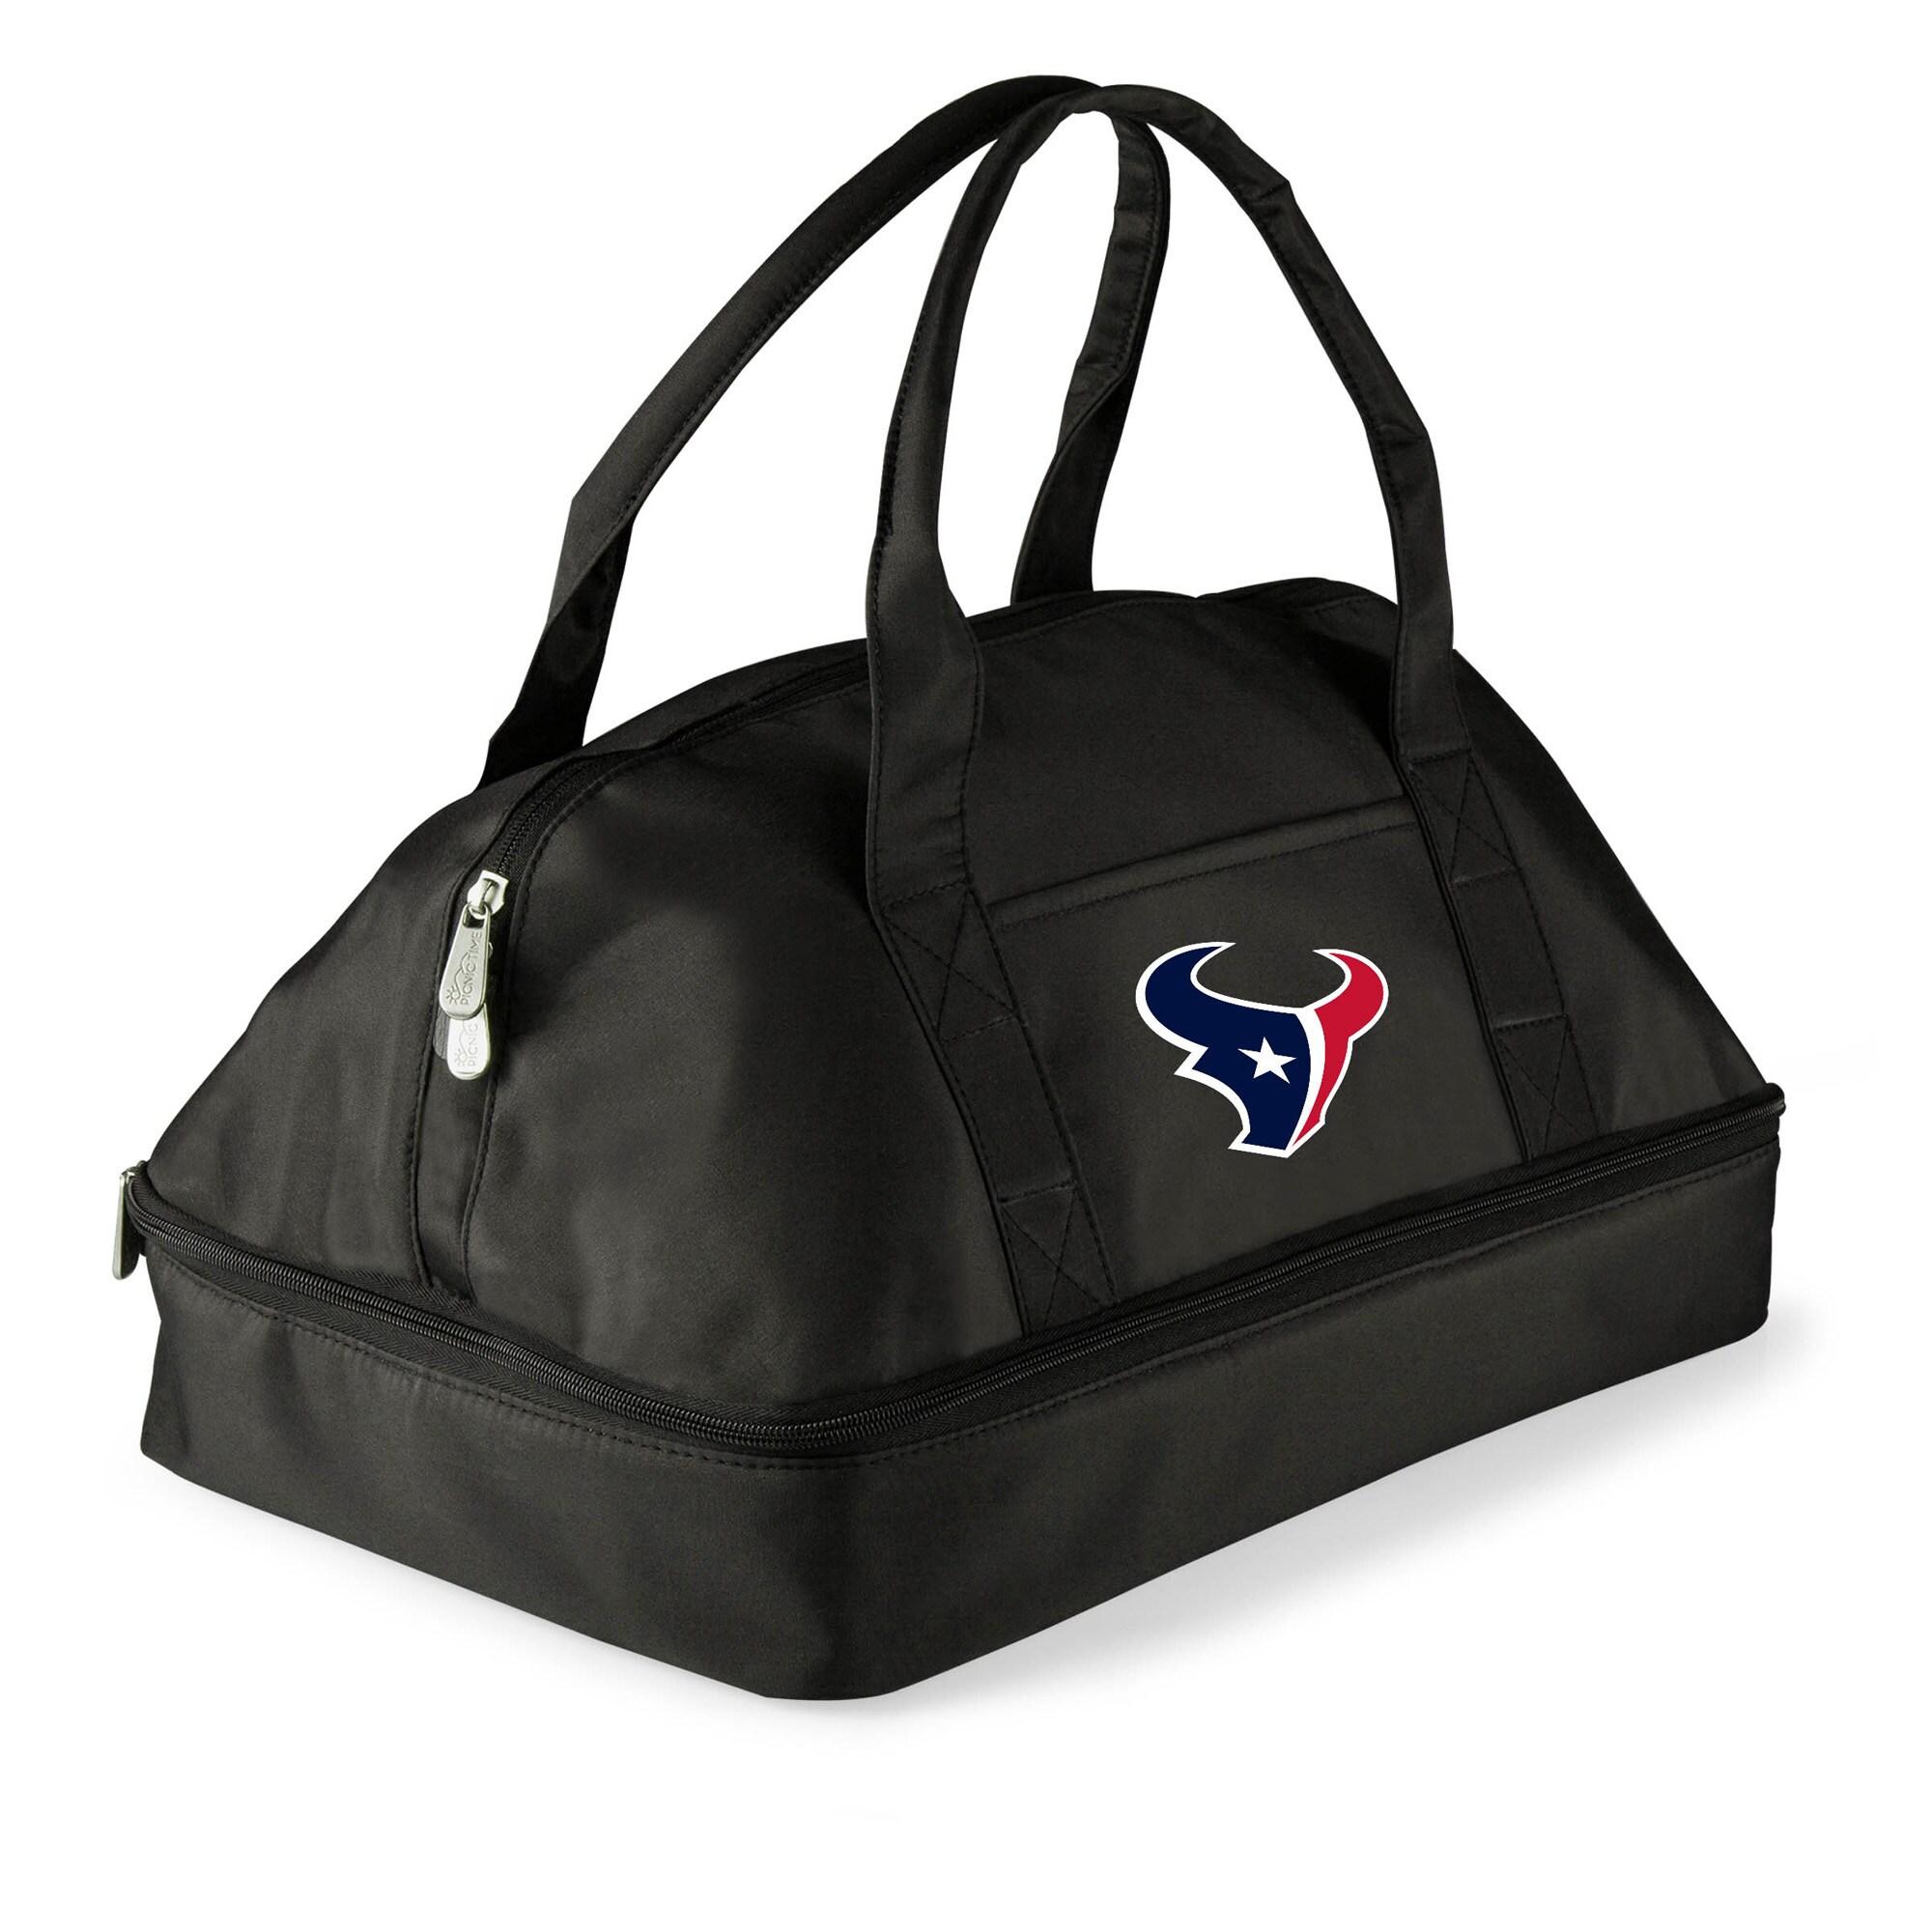 Houston Texans Potluck Casserole Tote - Black